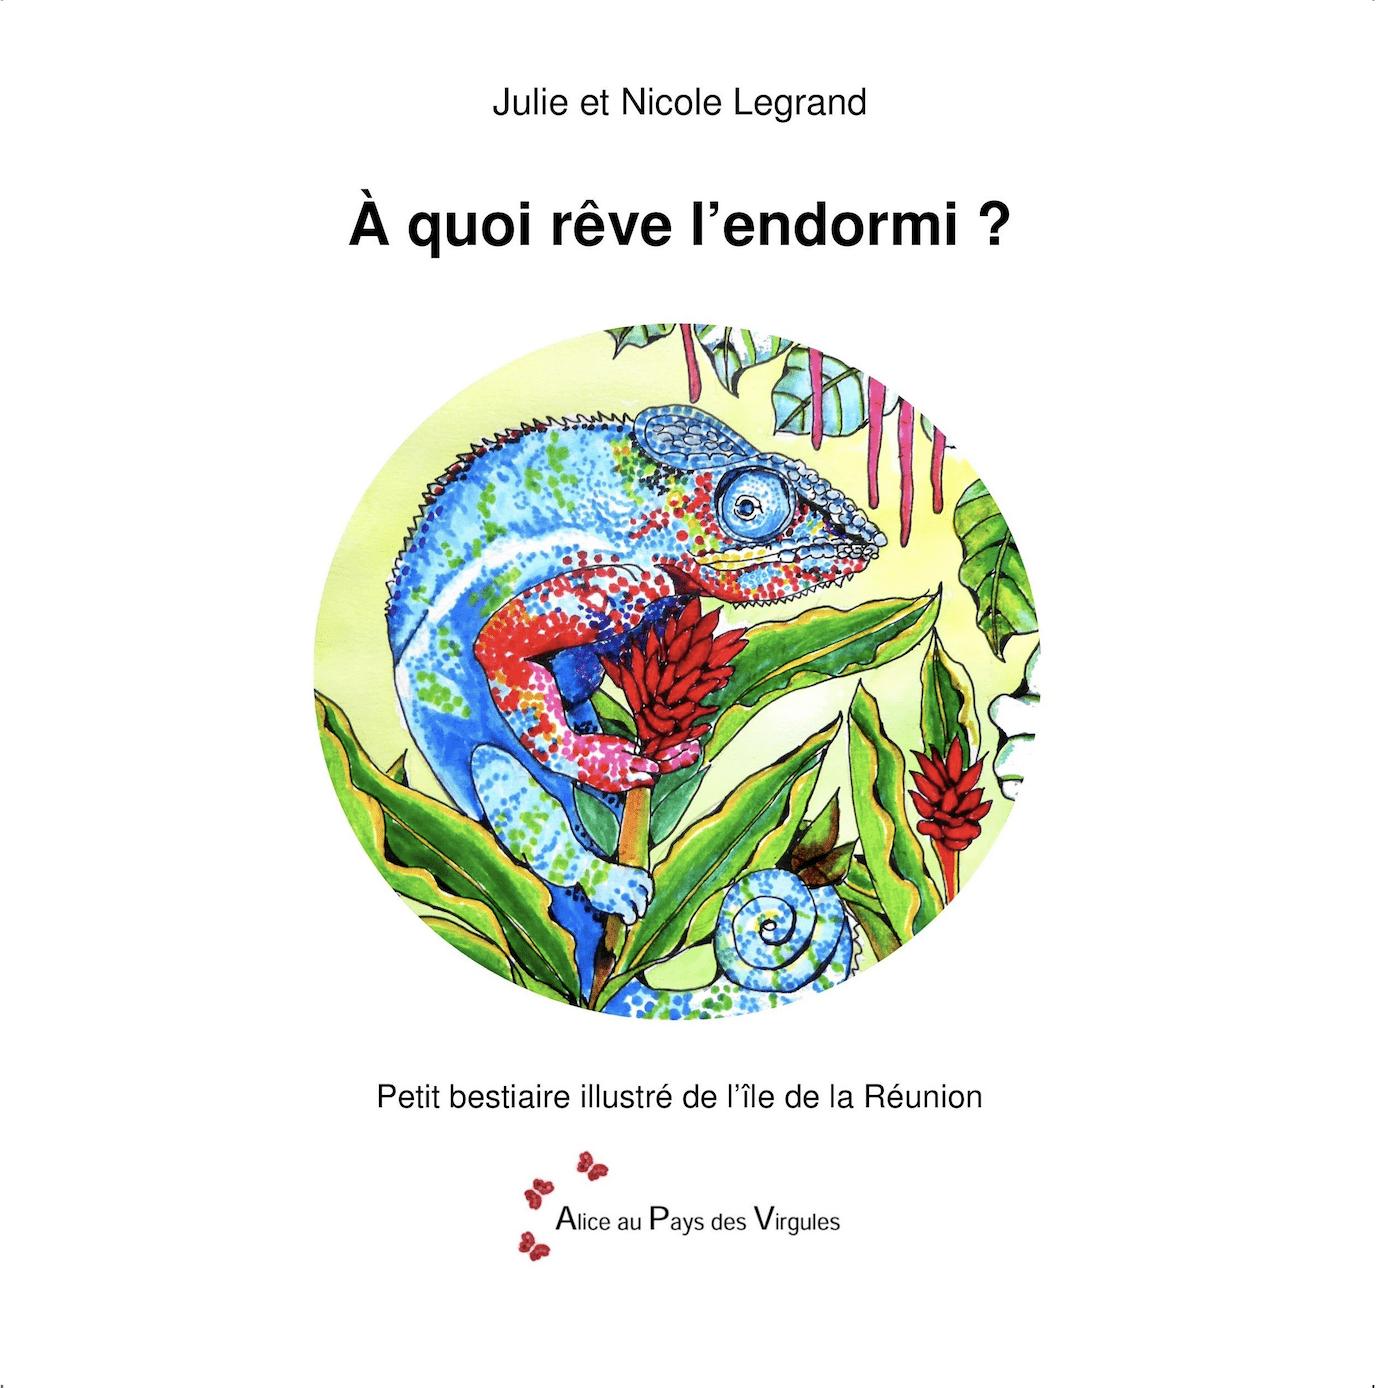 Á quoi rêve l'endormi ? – Petit bestiaire illustré de l'île de La Réunion – Tome 1